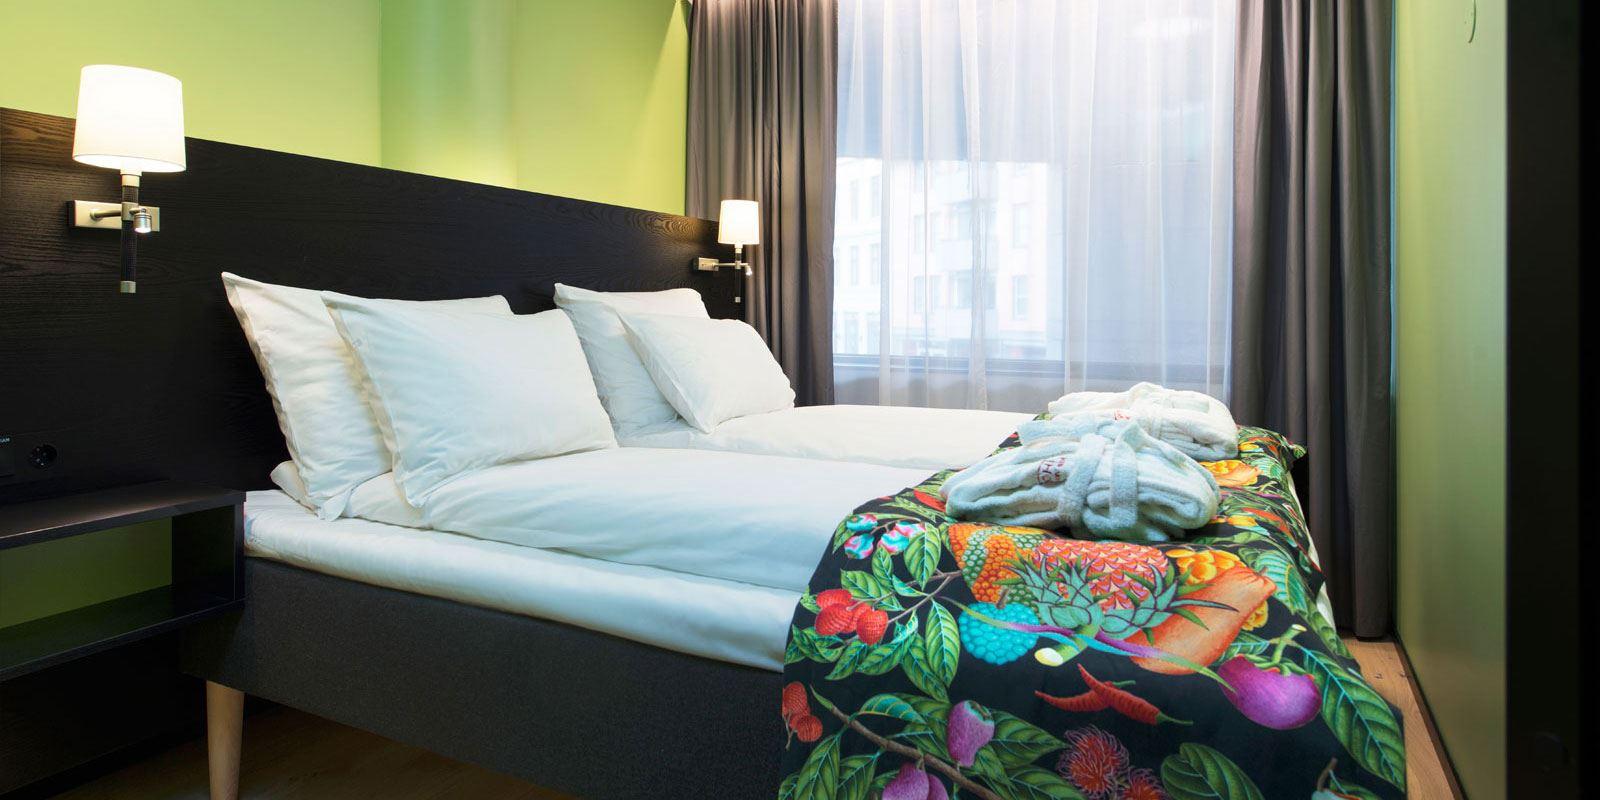 junior suite dobbeltseng, nattbord og nattbordslamper på hver side, sengeteppe, morgenkåper plassert pent sammenbrettet på enden av sengen, vindu med lystette gardiner